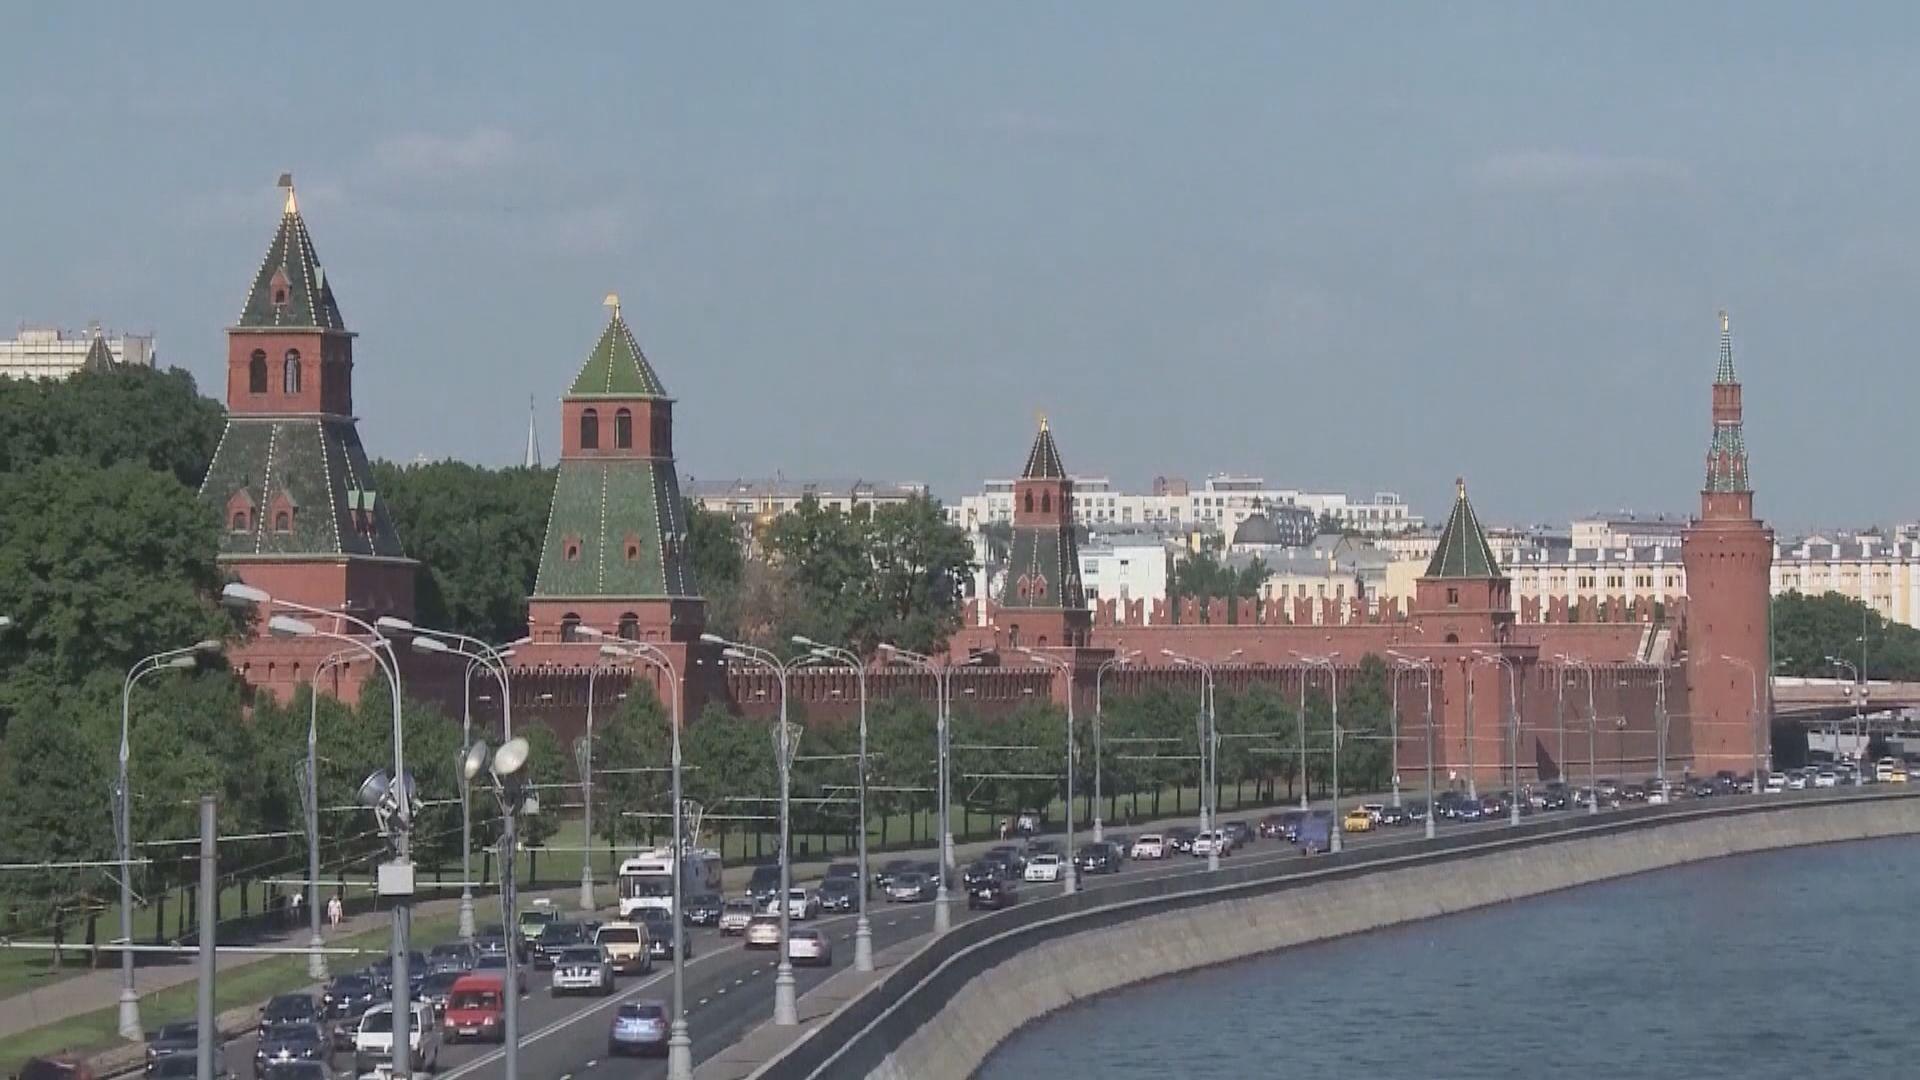 美國歐盟就納瓦爾尼遭落毒案制裁俄羅斯官員